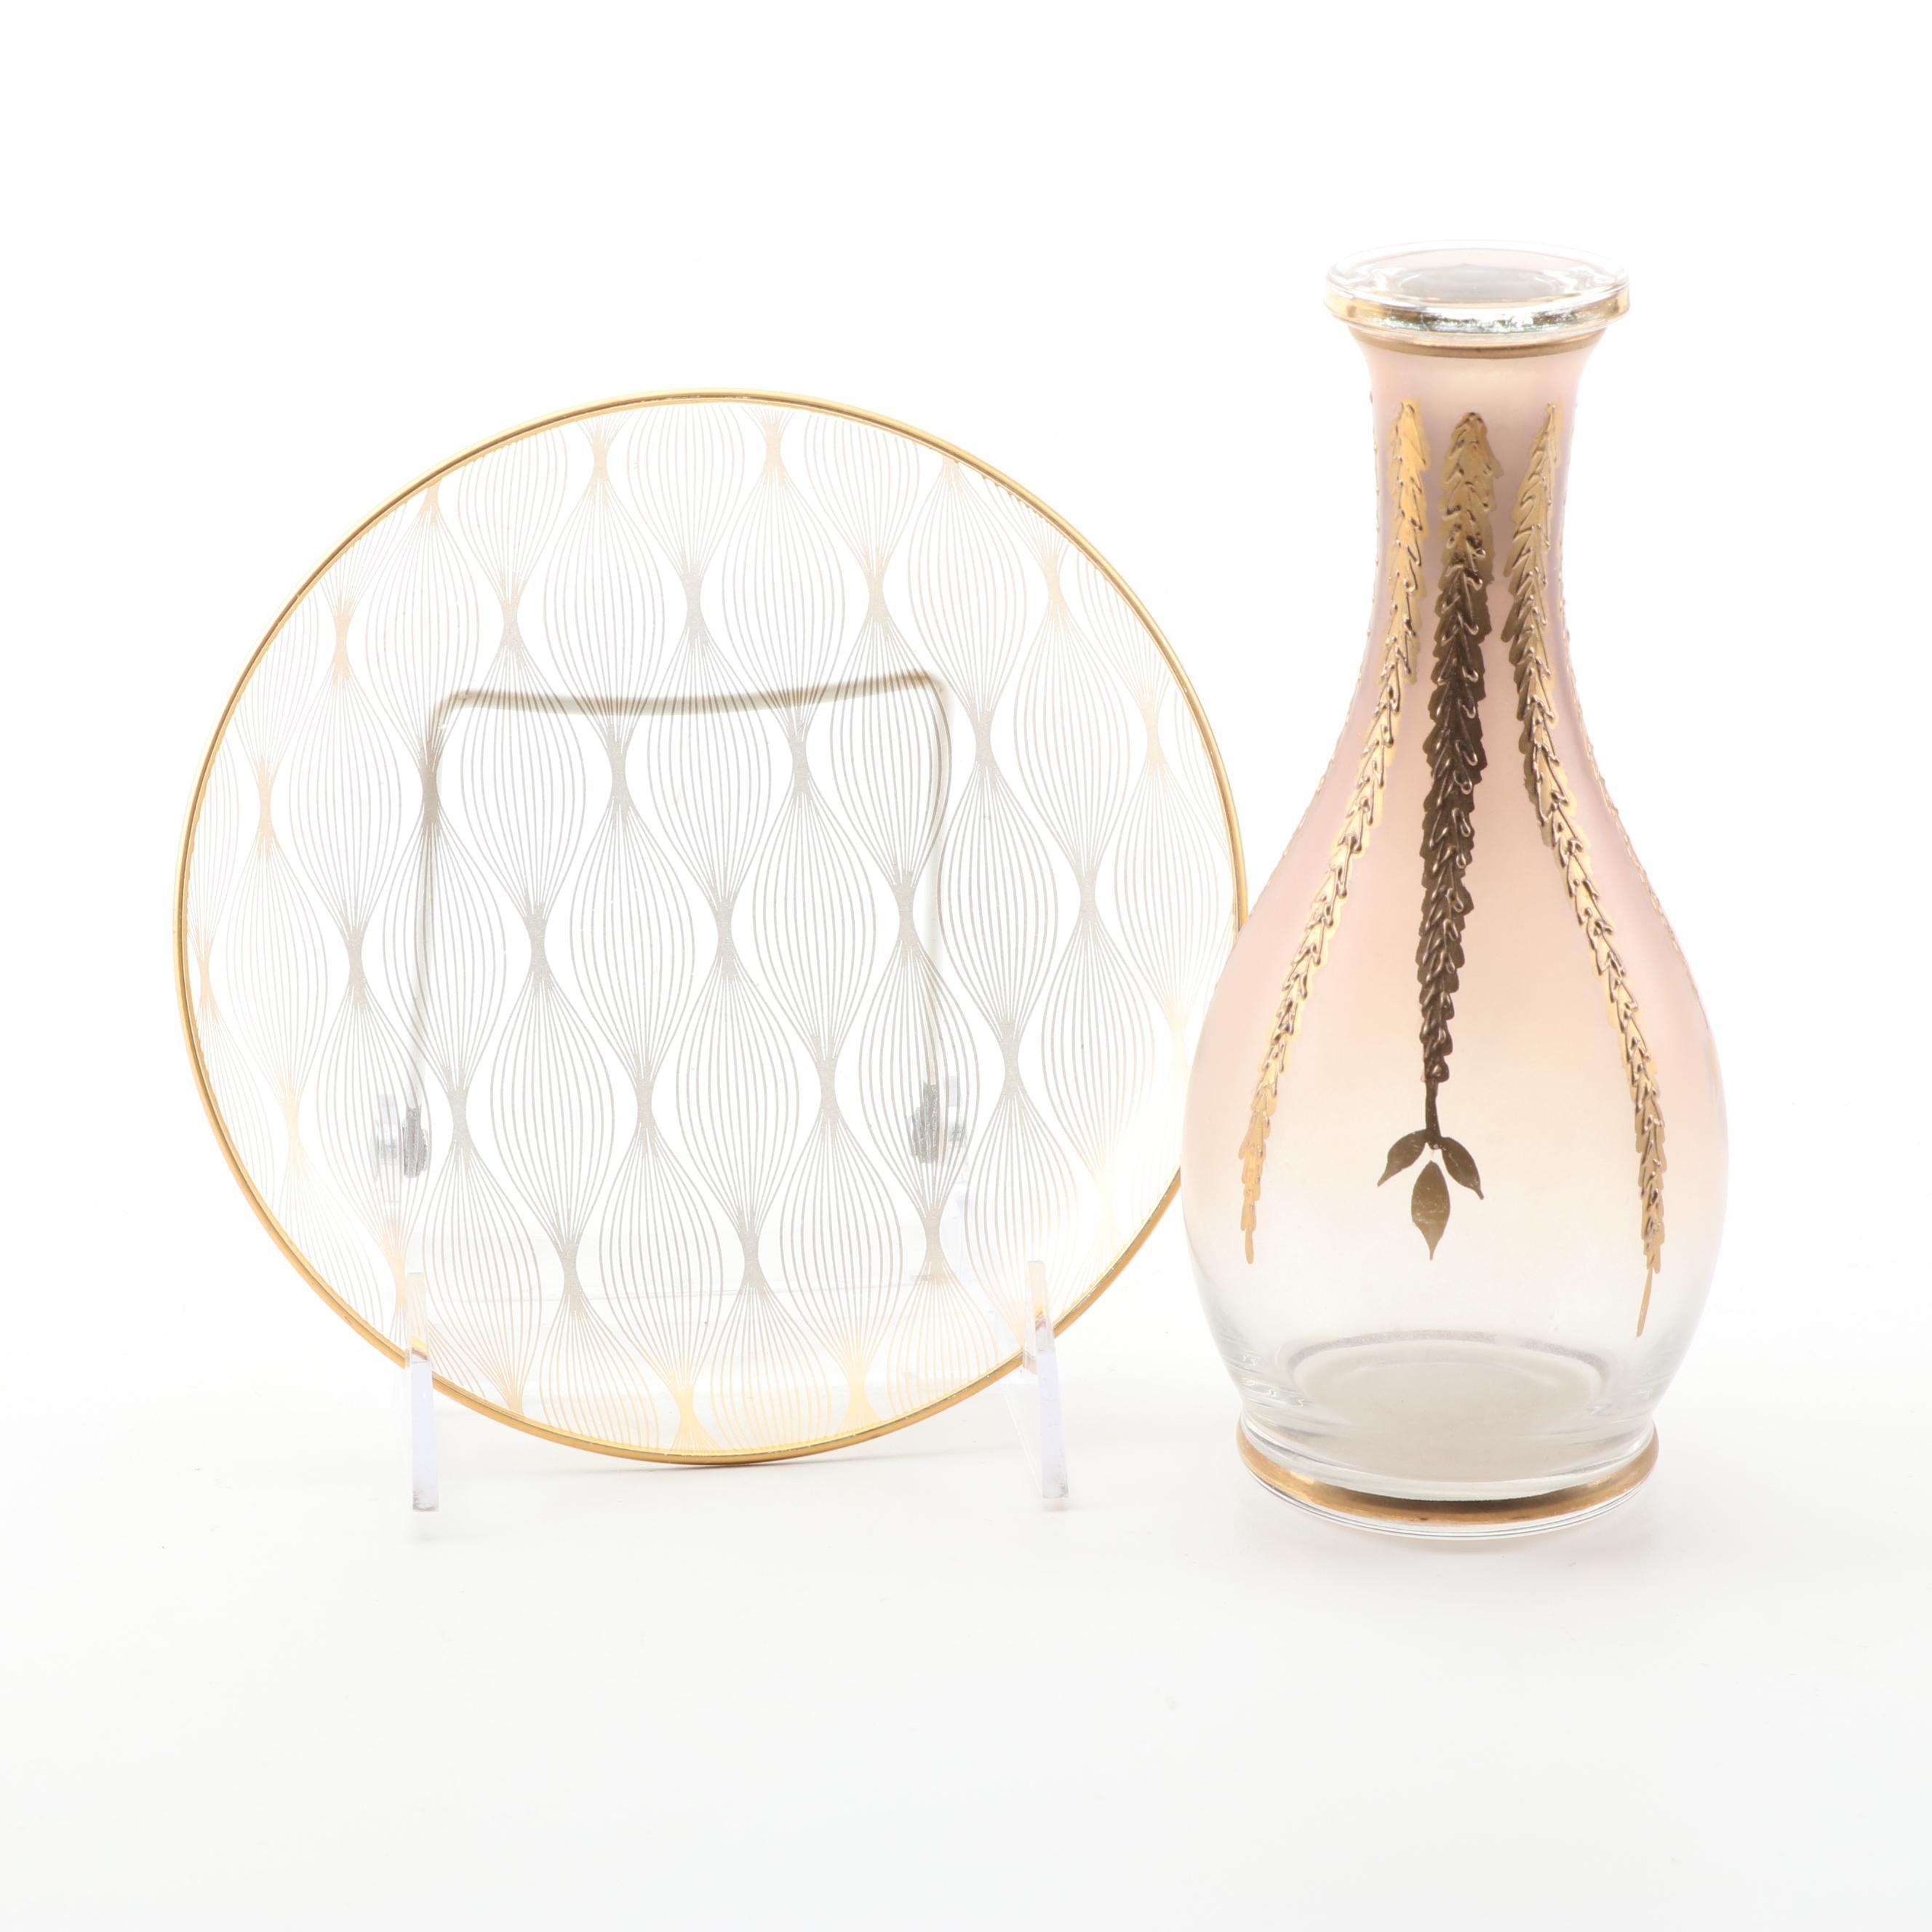 Decorative Glass Plate and Cruet